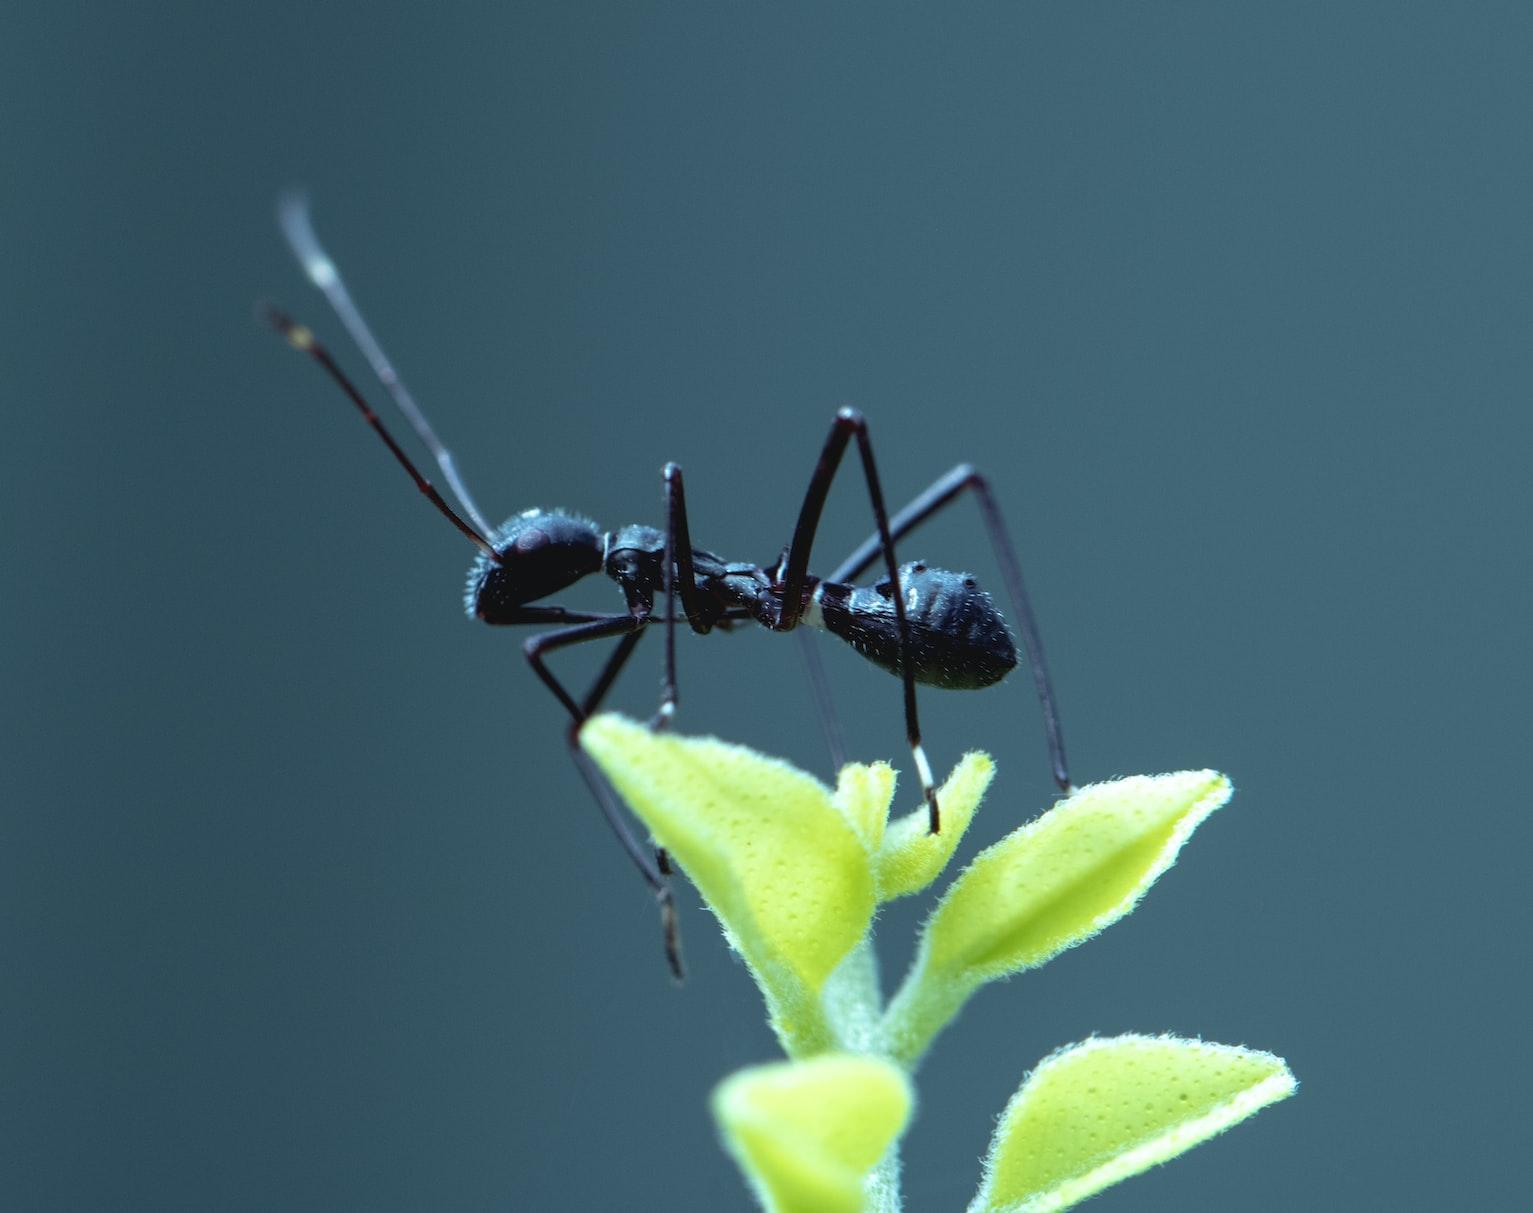 Gastos hormiga en tu presupuesto